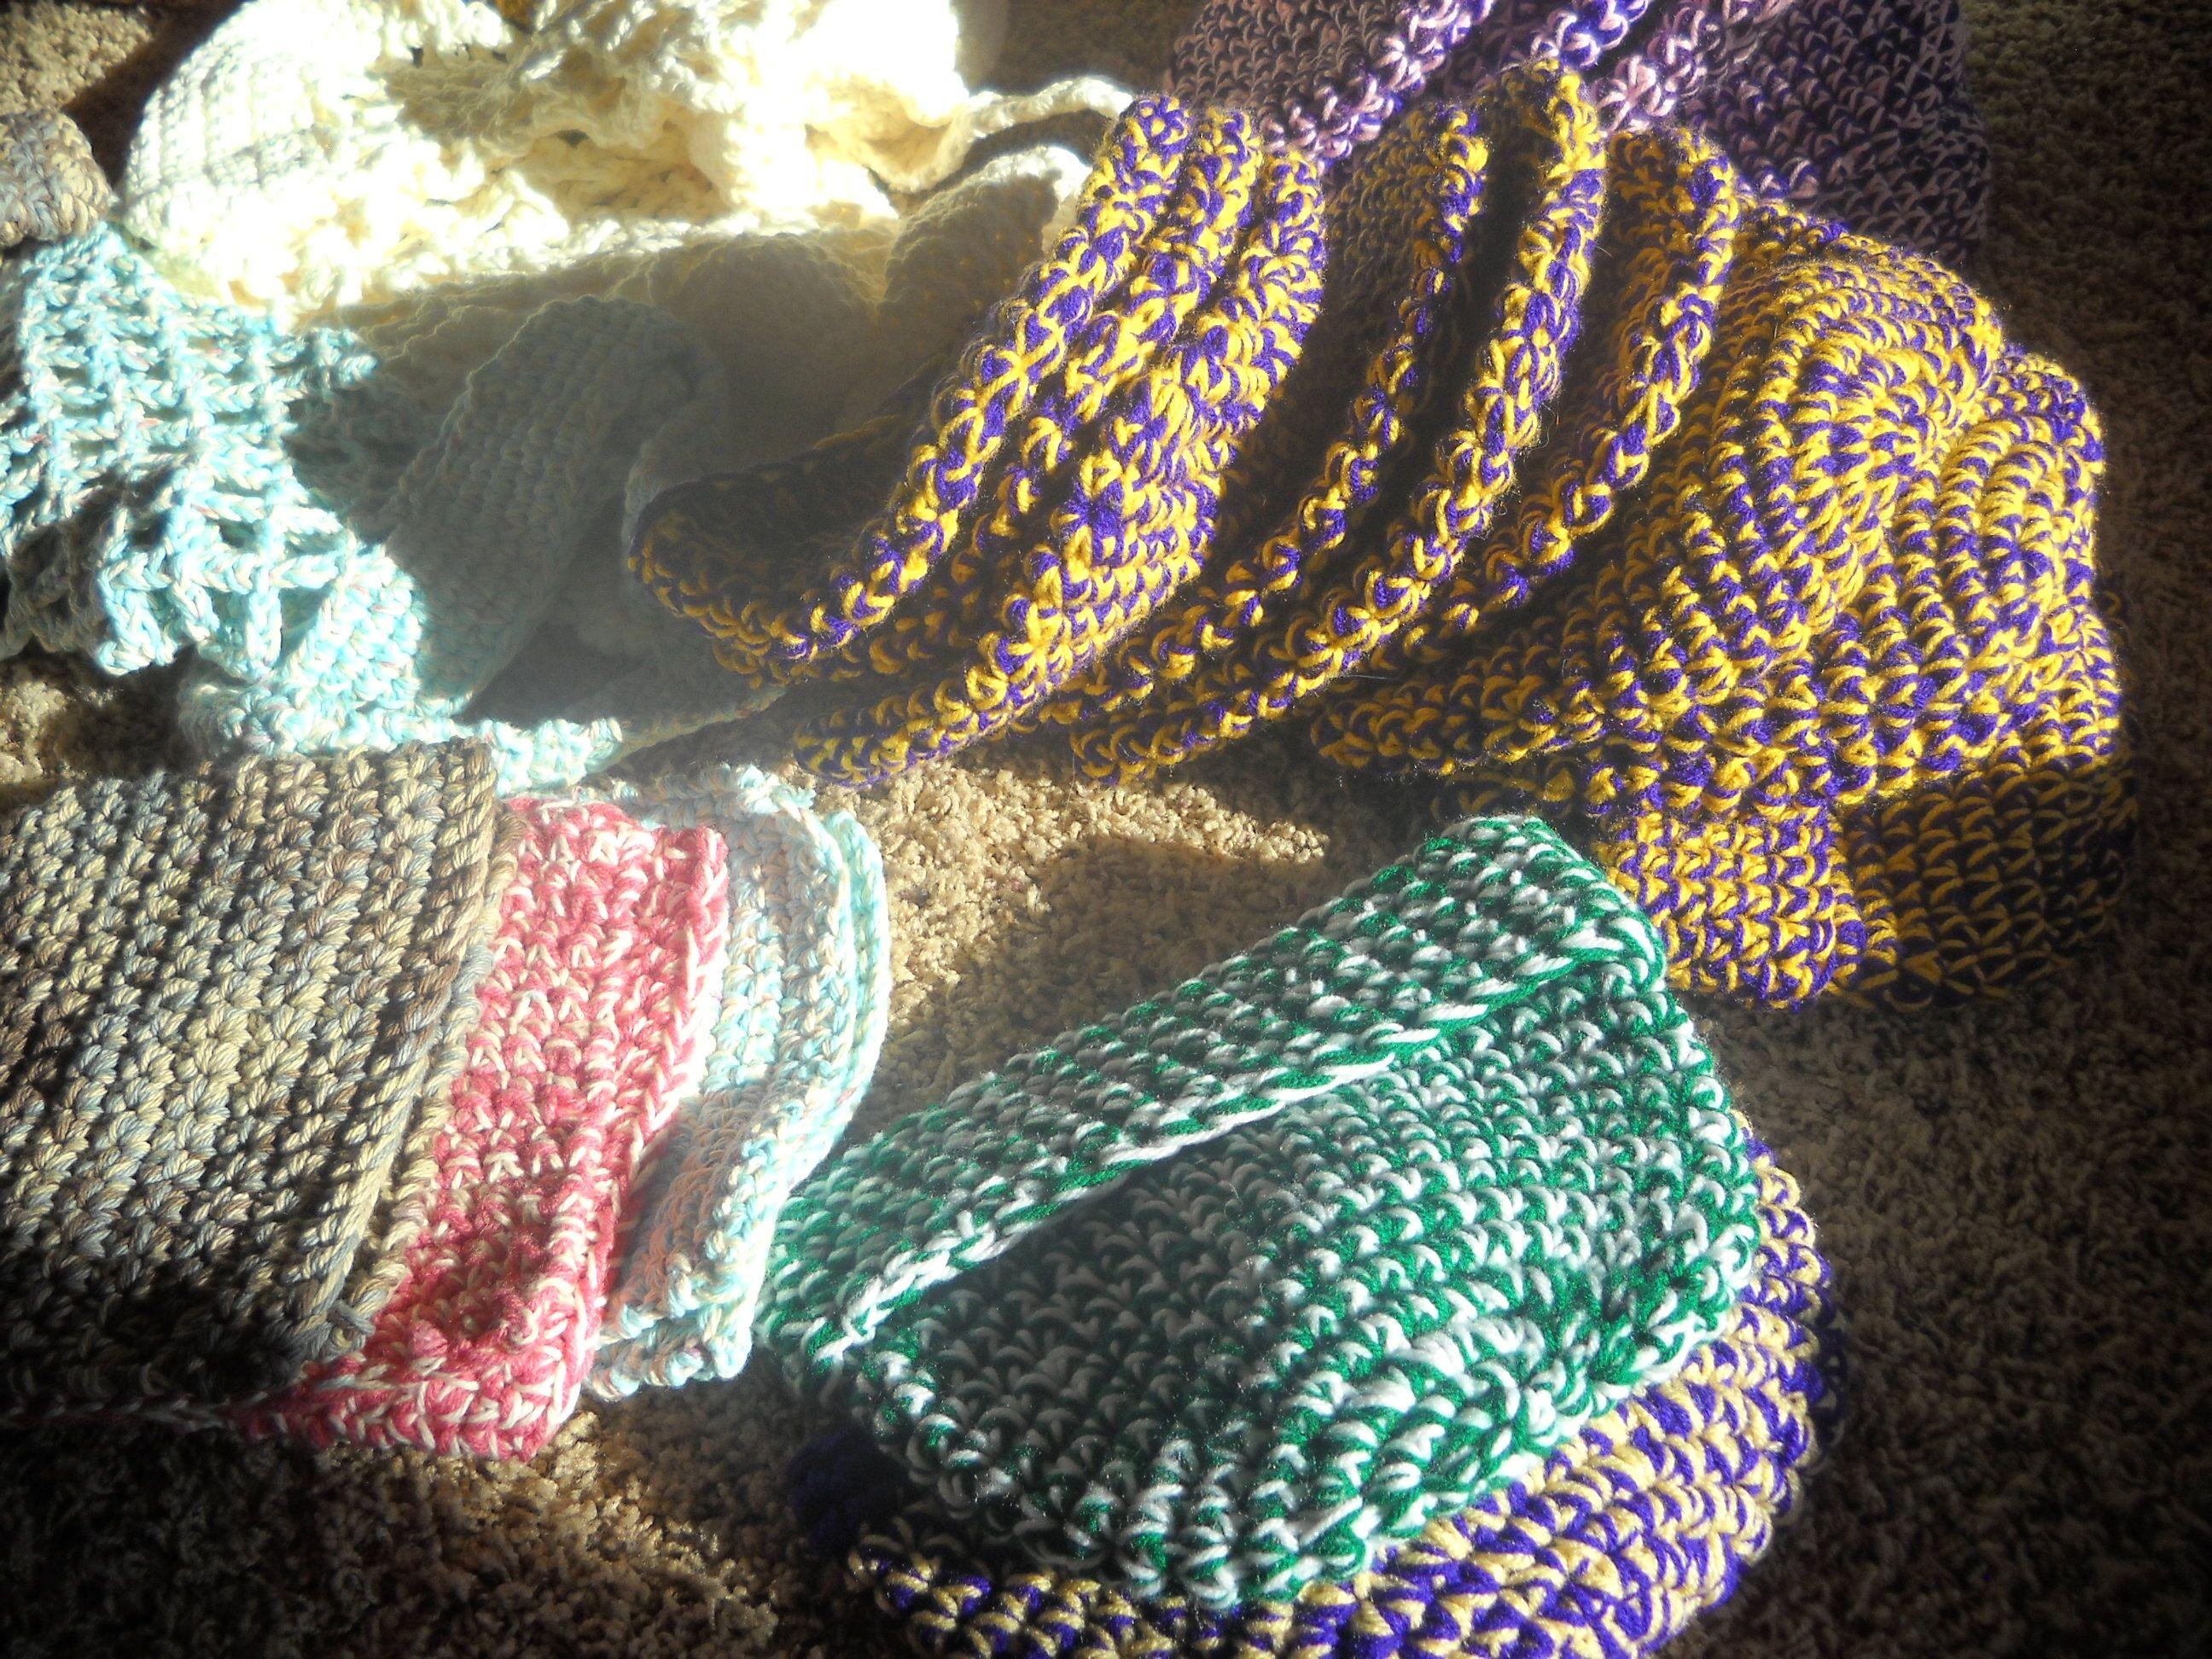 Crocheting Items : Crocheted items Crocheting & Craft Ideas Pinterest